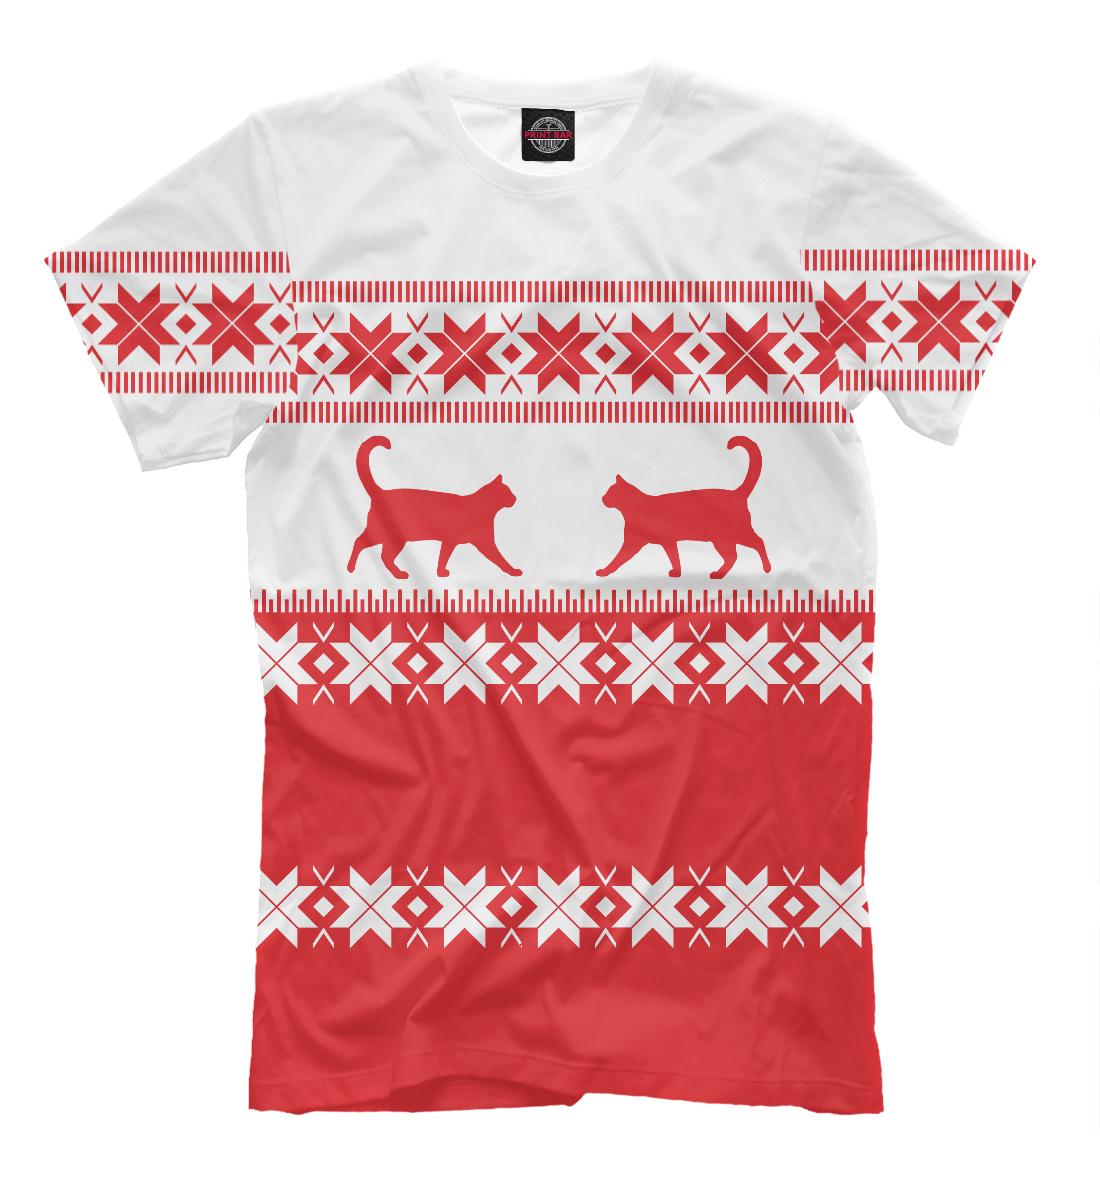 Купить Зимний свитер с котами, Printbar, Футболки, CAT-395386-fut-2